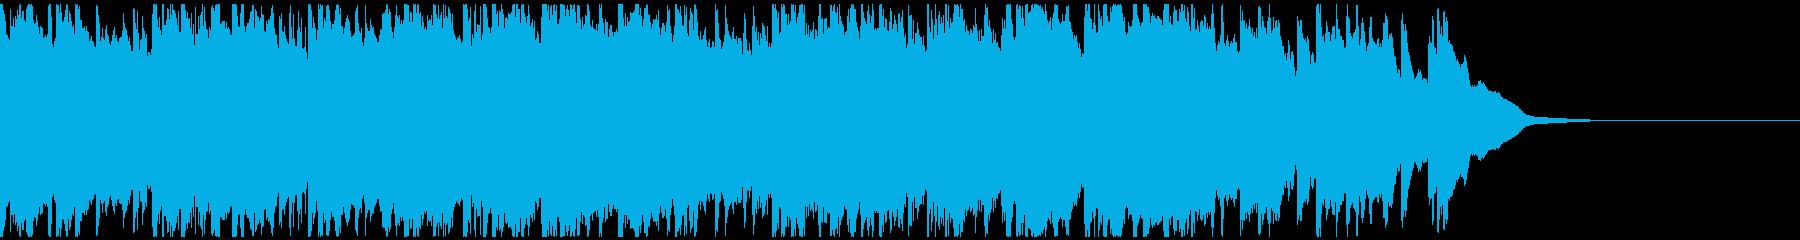 小さなベルのおしゃれなウェディングソングの再生済みの波形